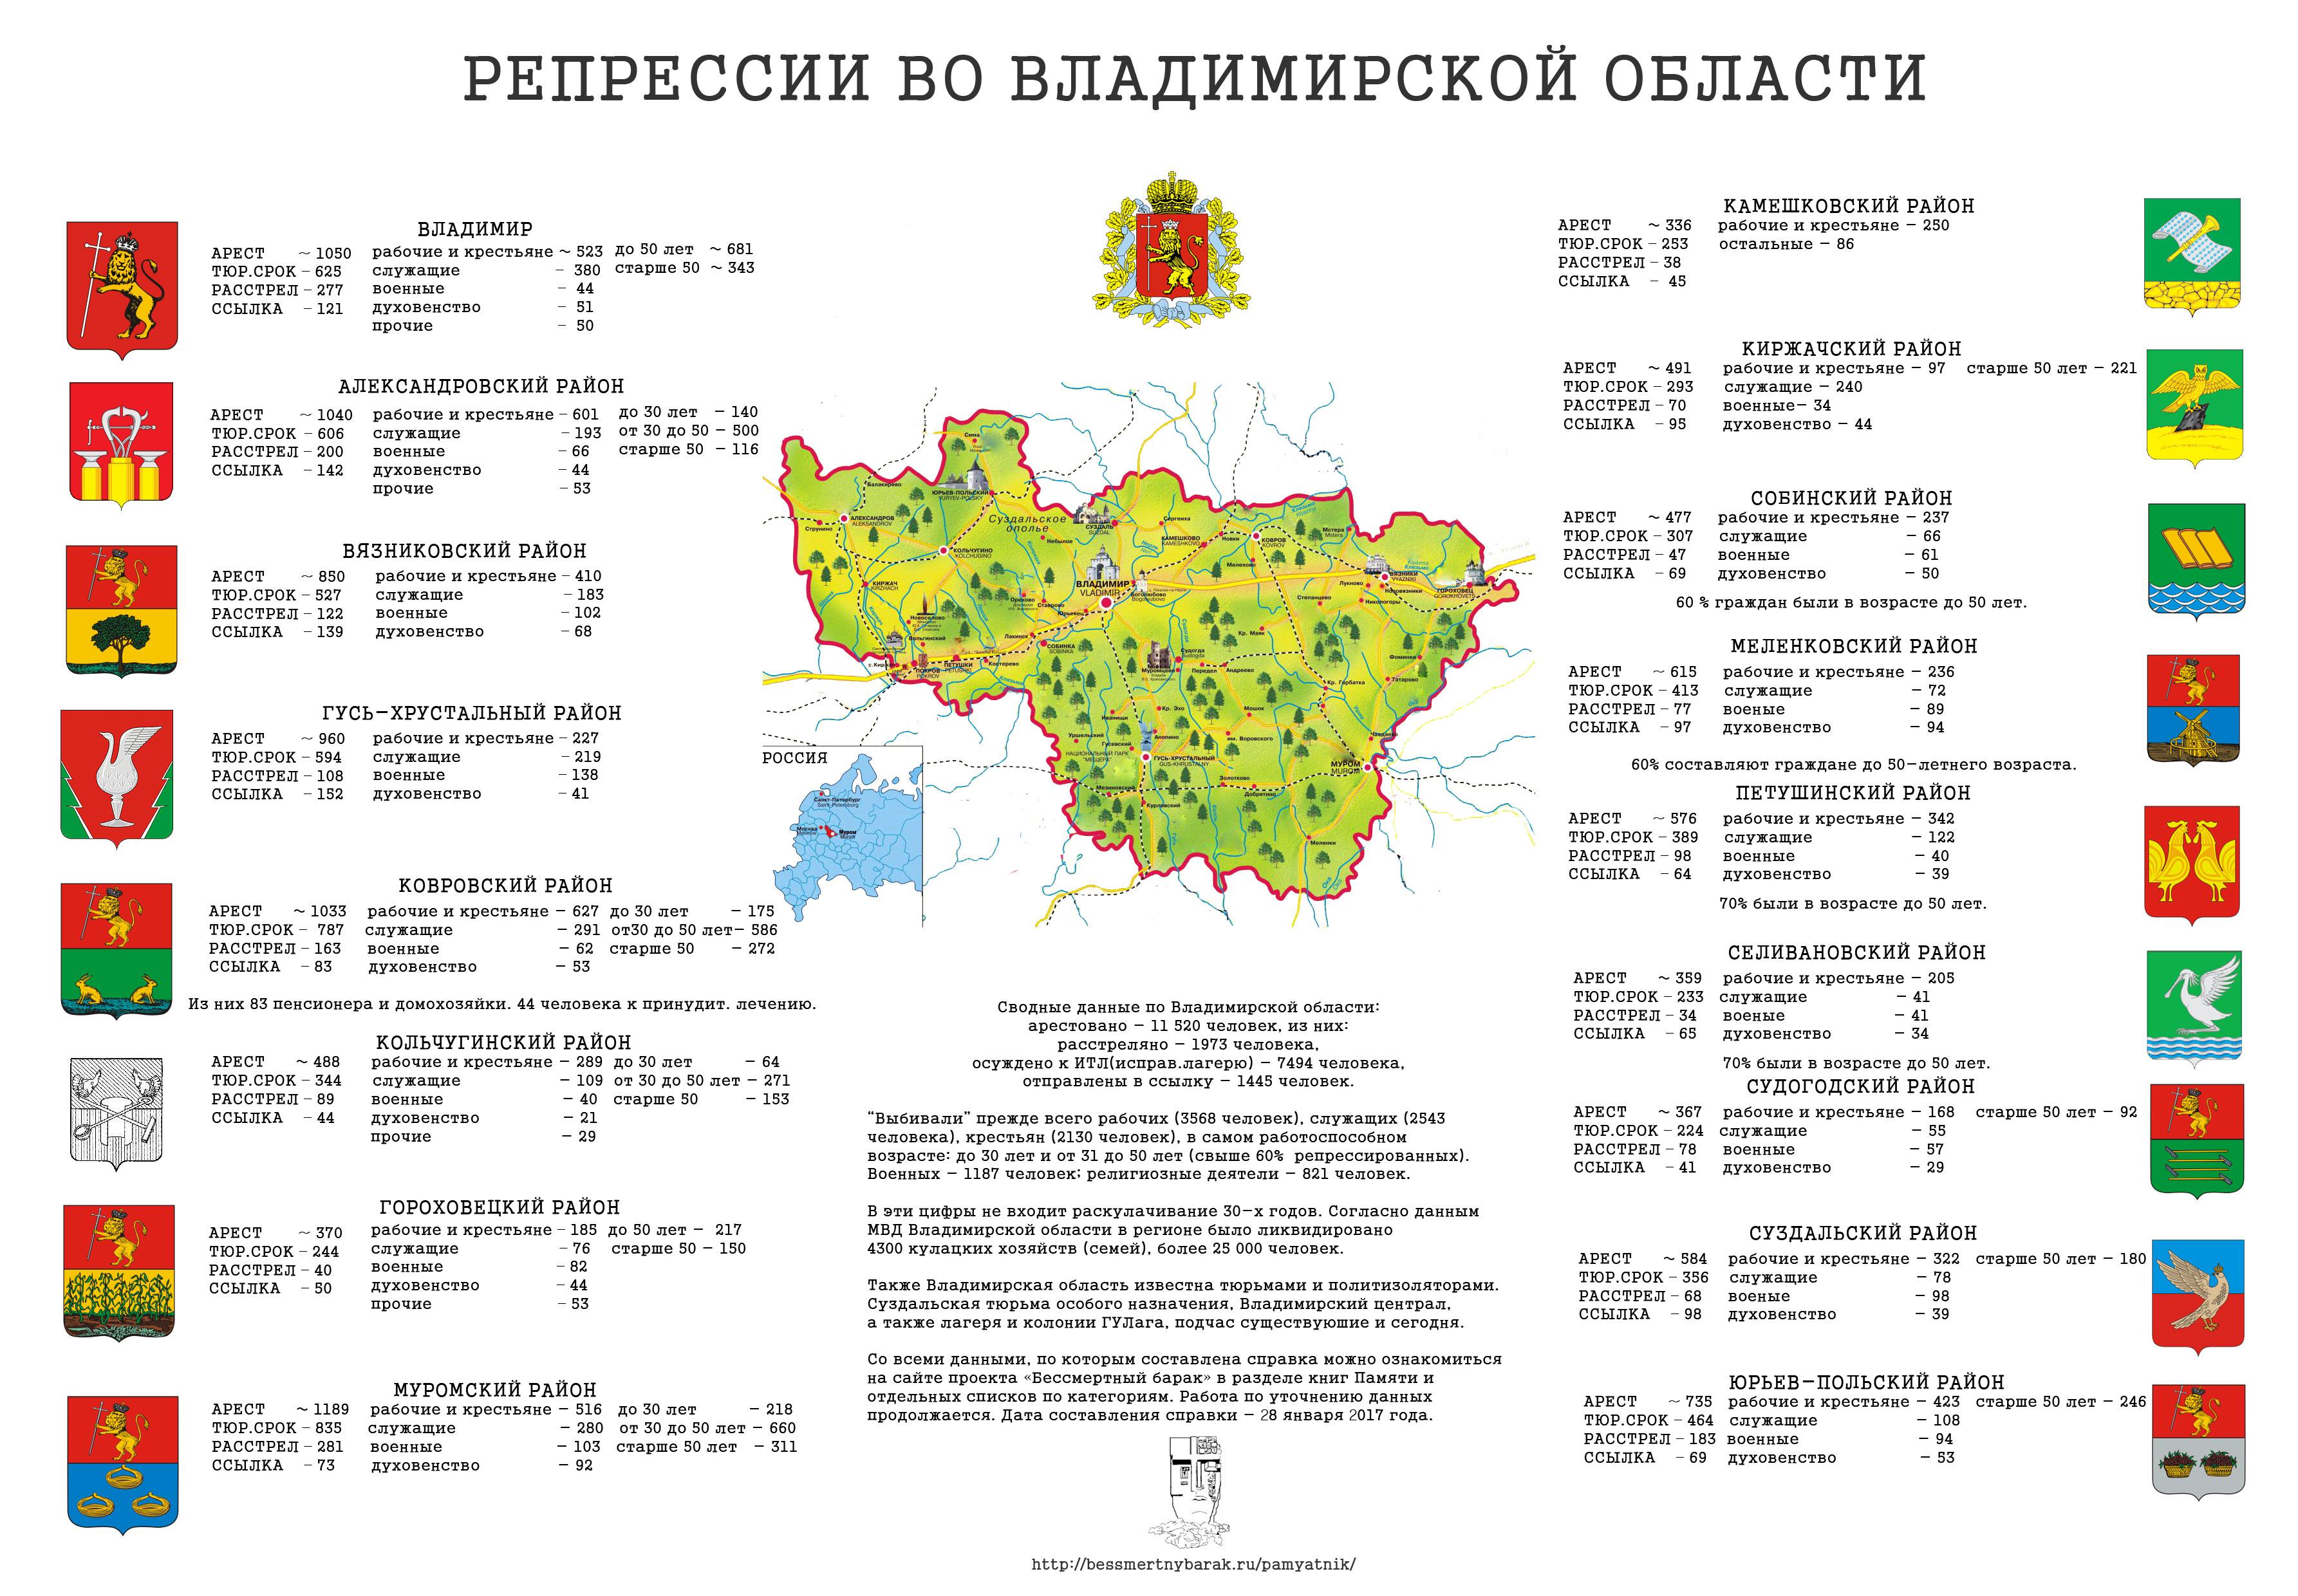 Инфографика репрессий во владимирской области, статистика жертв ГУЛага данные. Владимирская область